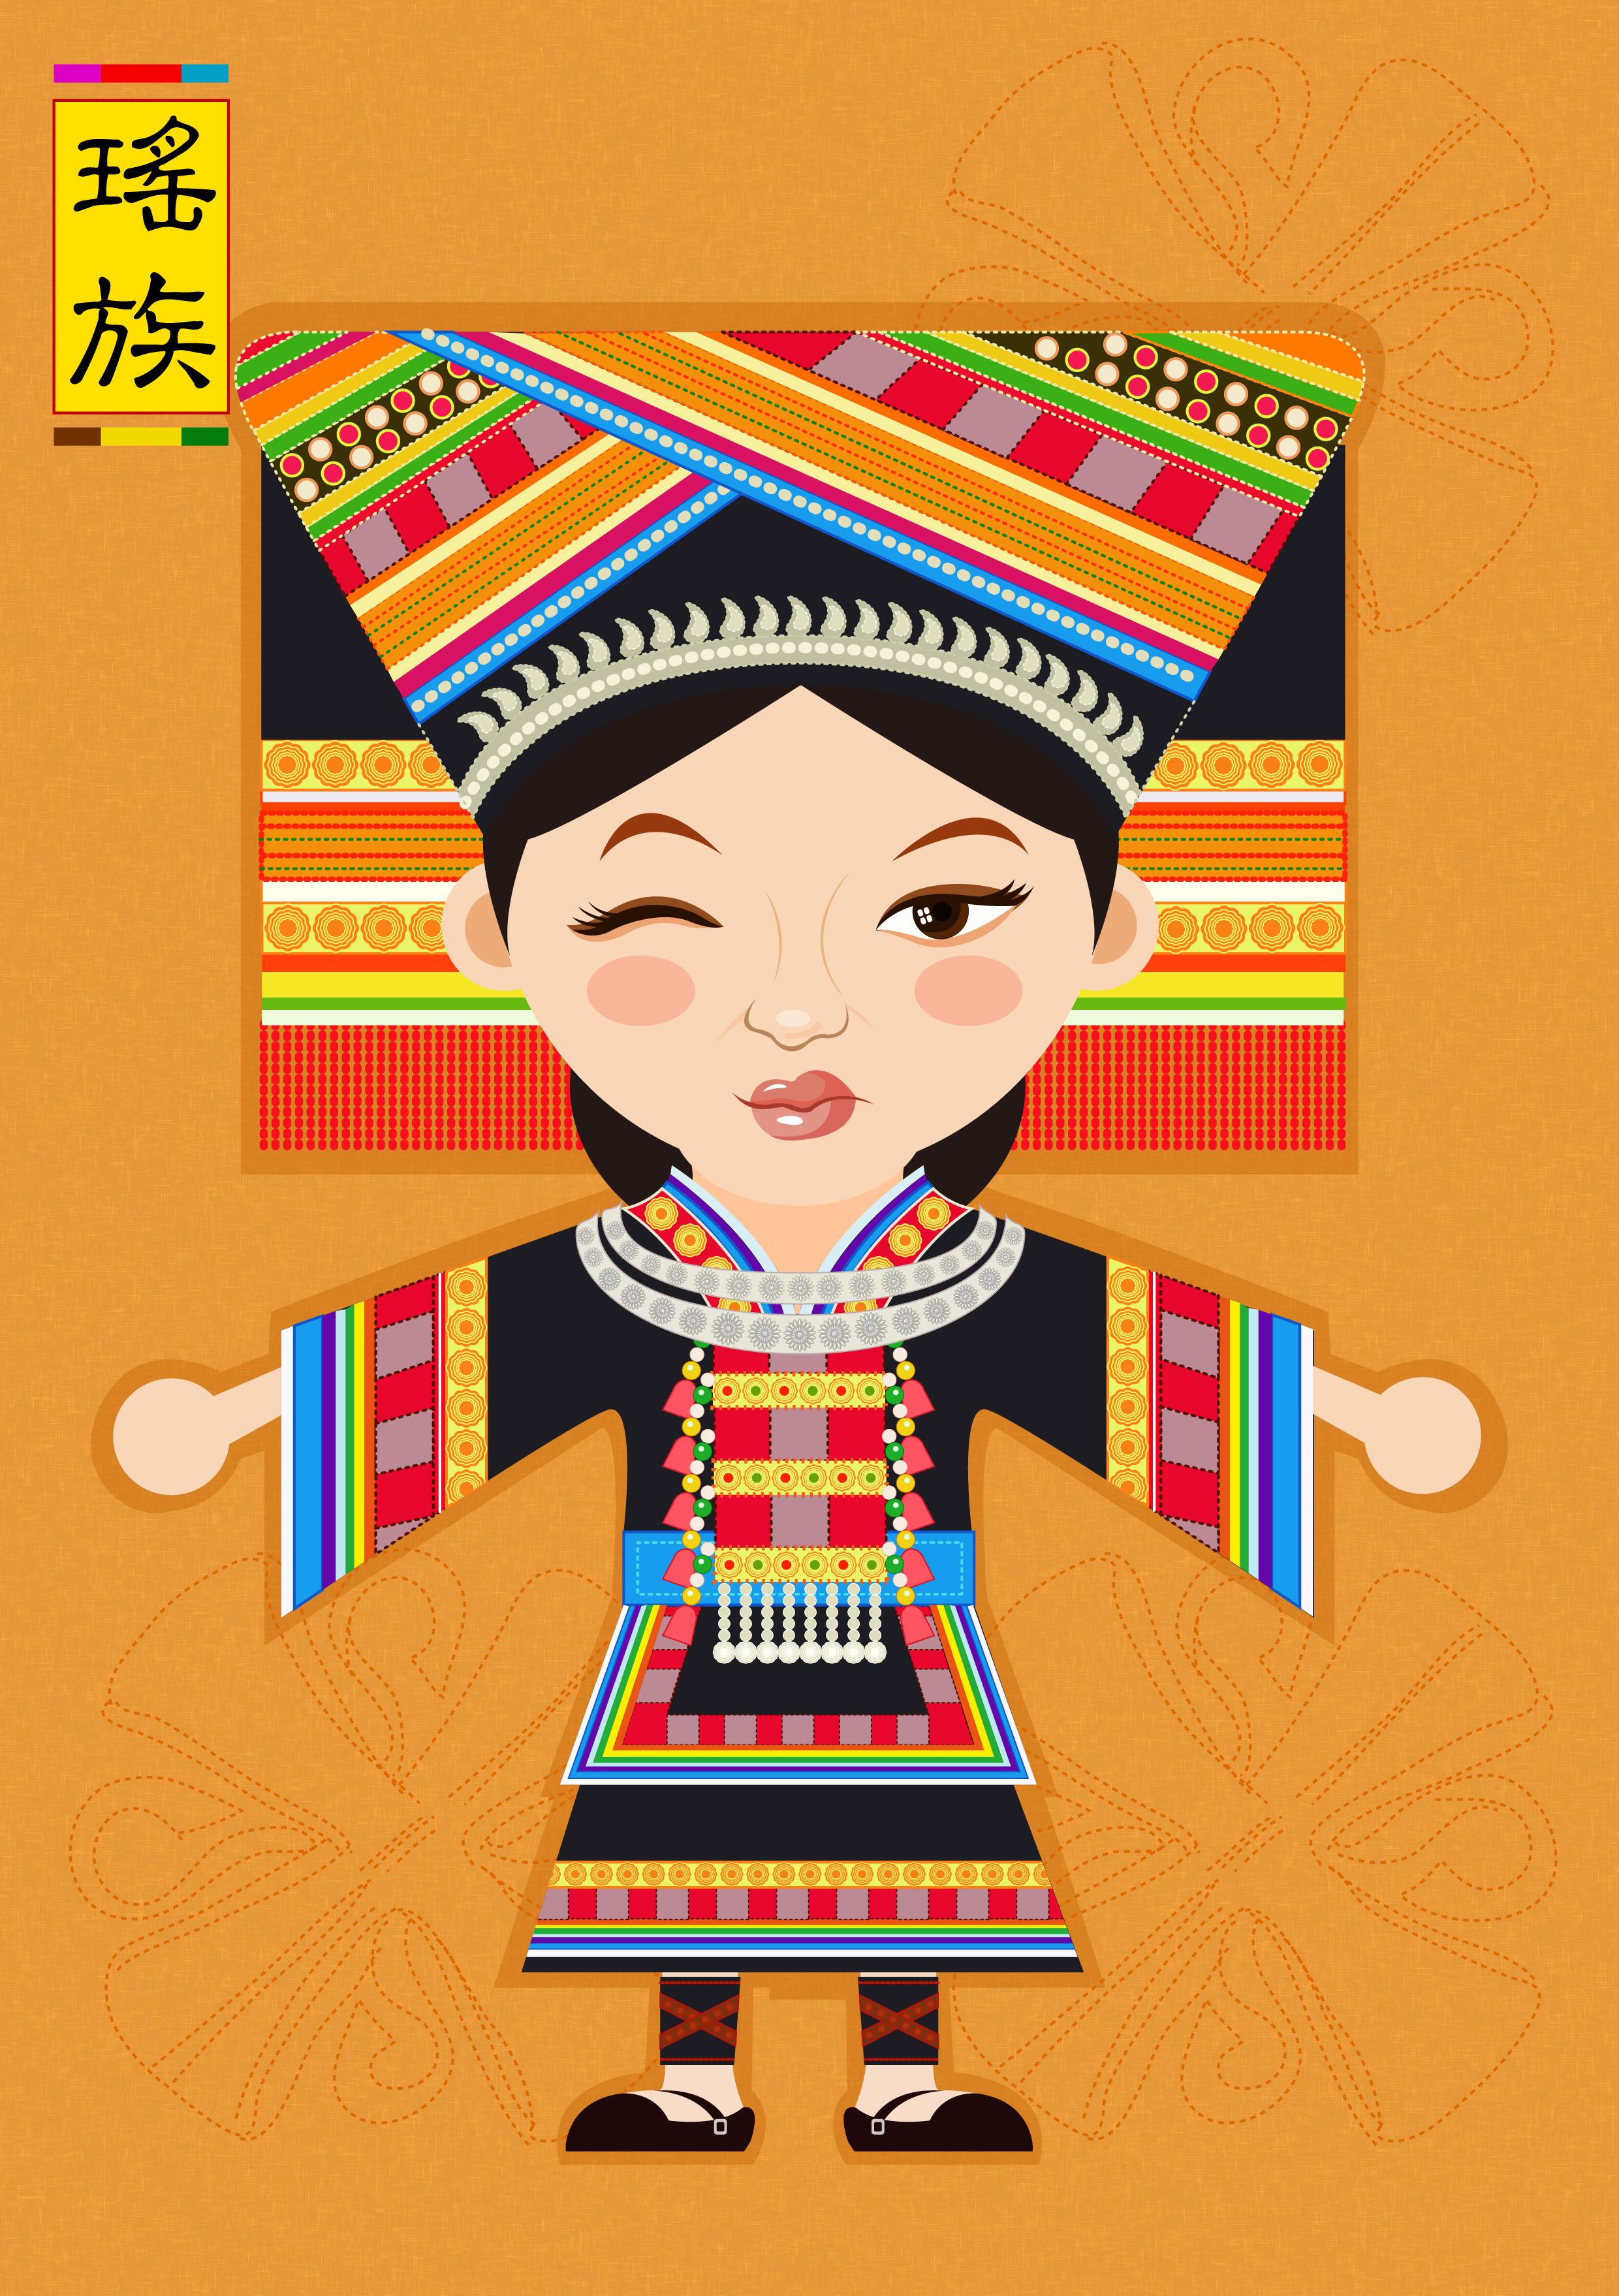 少数民族服饰推广·卡通人物形象设计